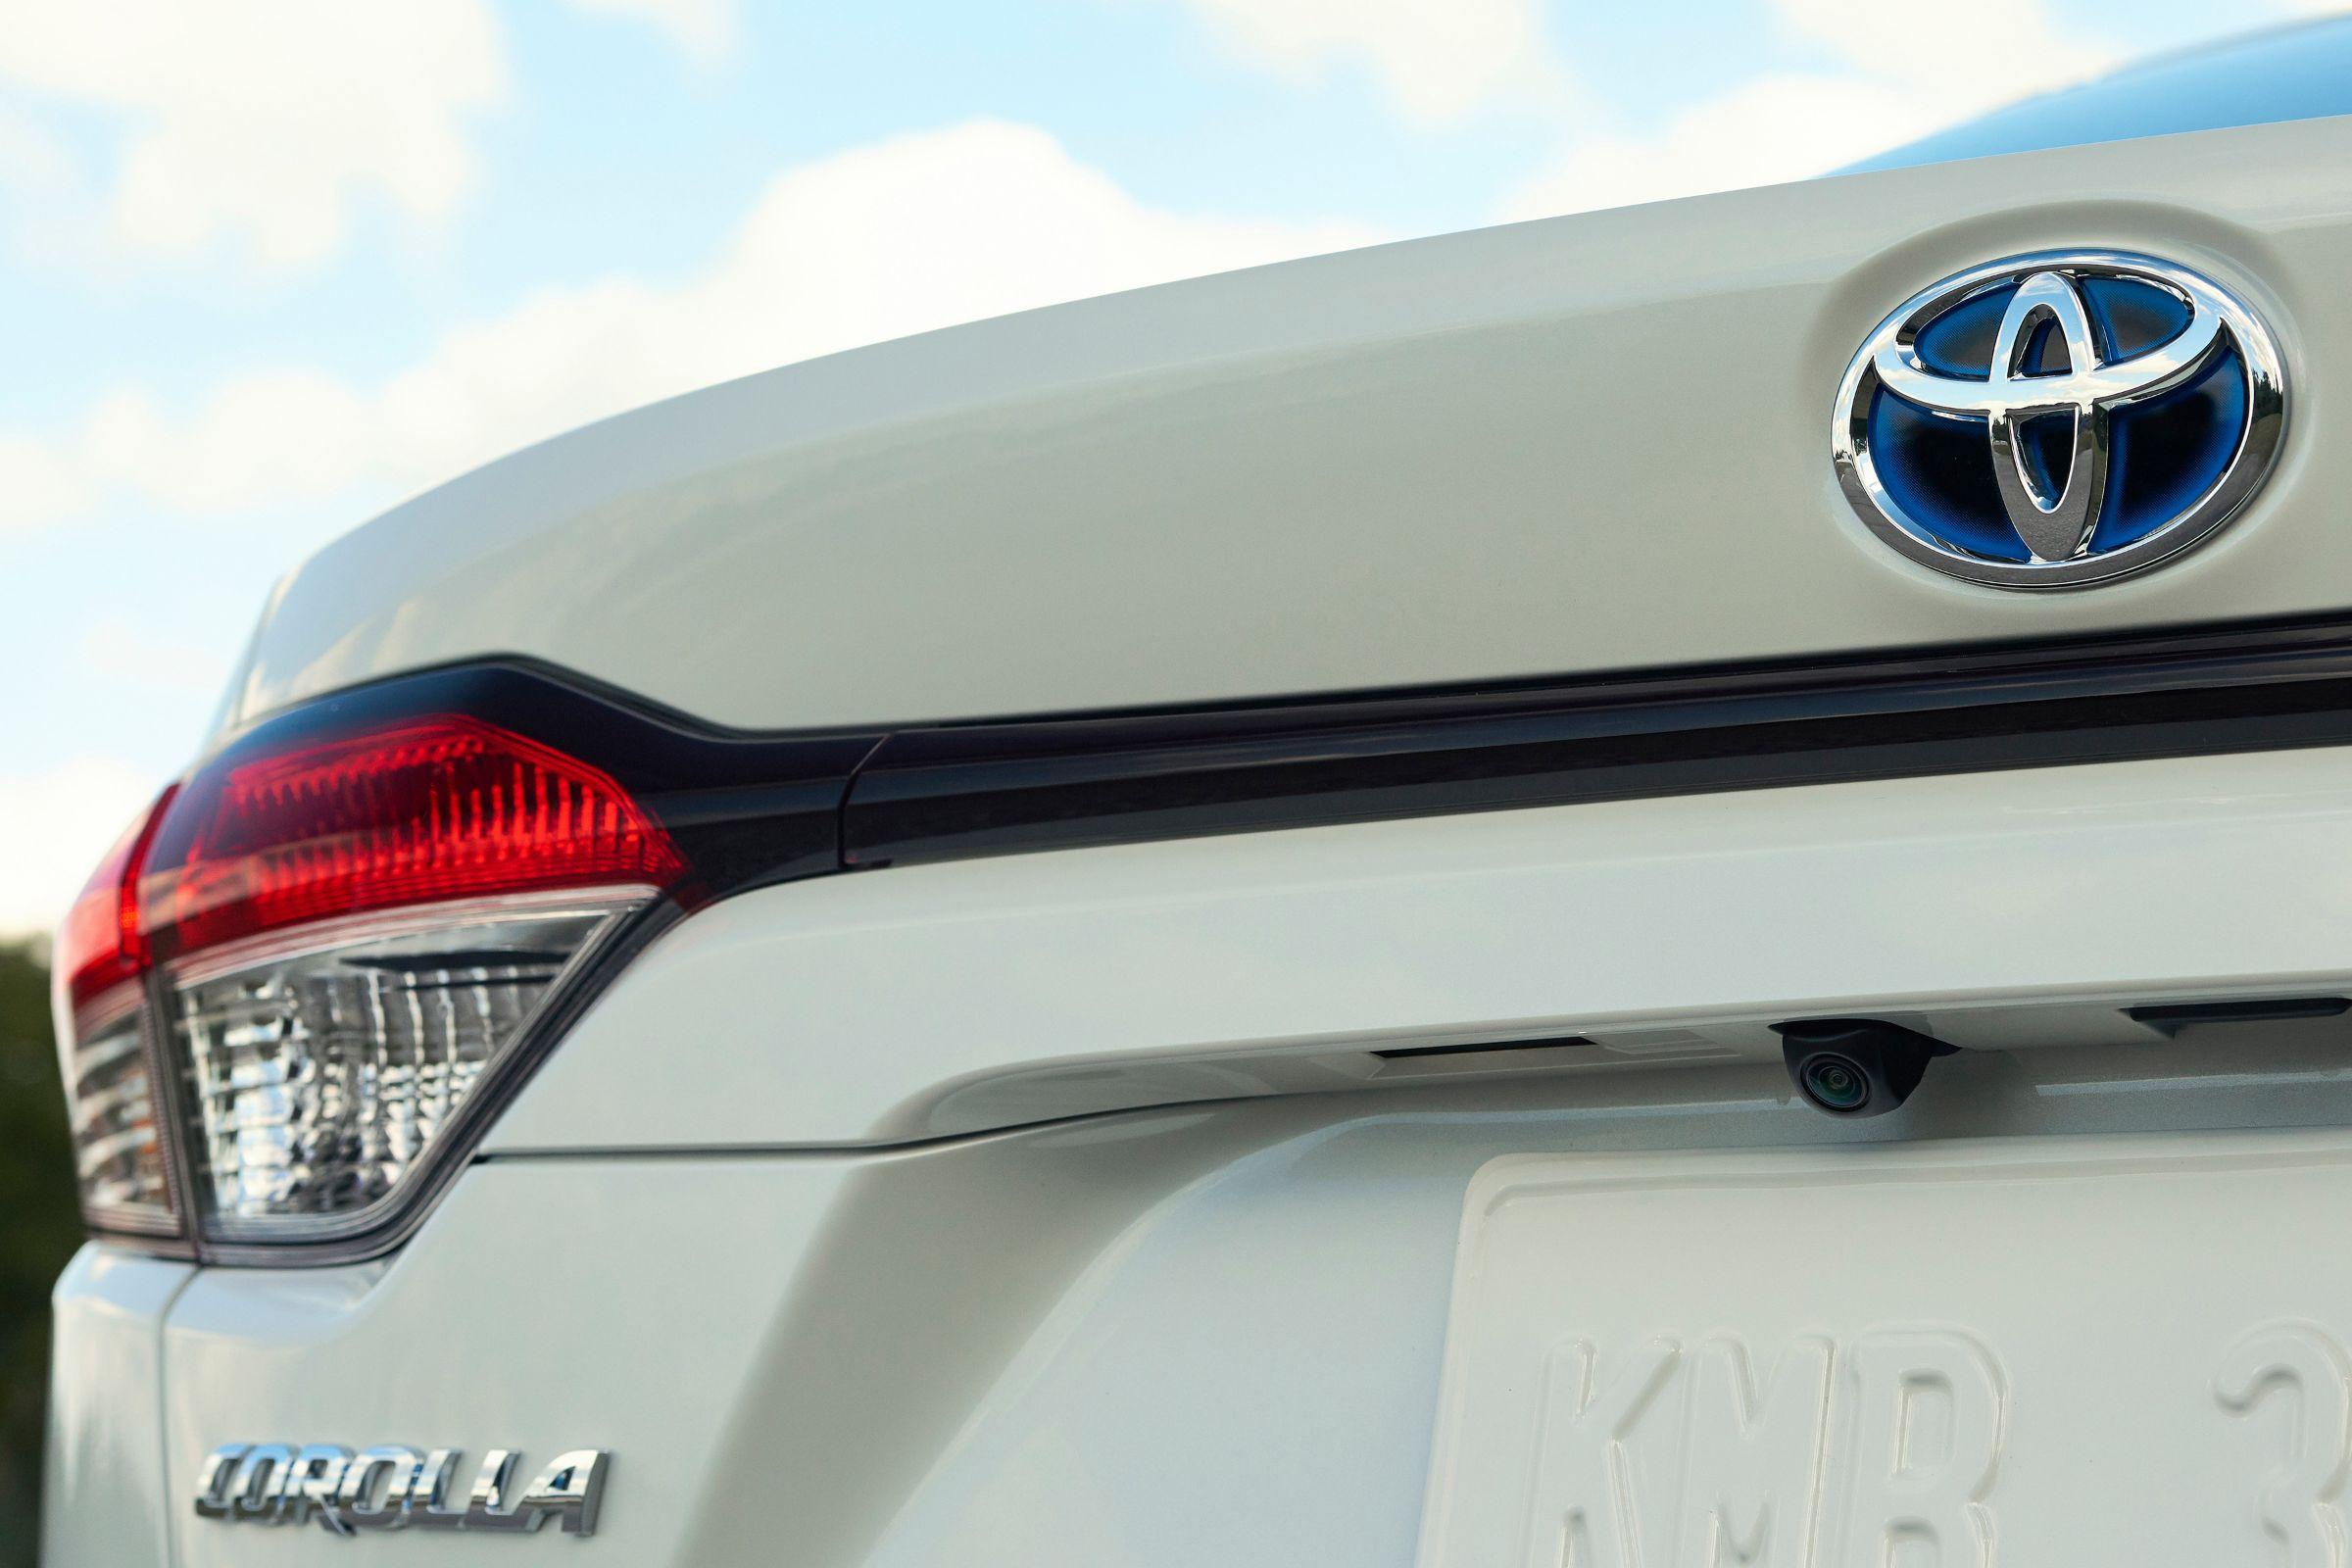 A Toyota apresentou o Corolla 2020. Sedã terá uma versão híbrida, uma esportiva e duas opções de motorização mais potentes que a da geração atual.